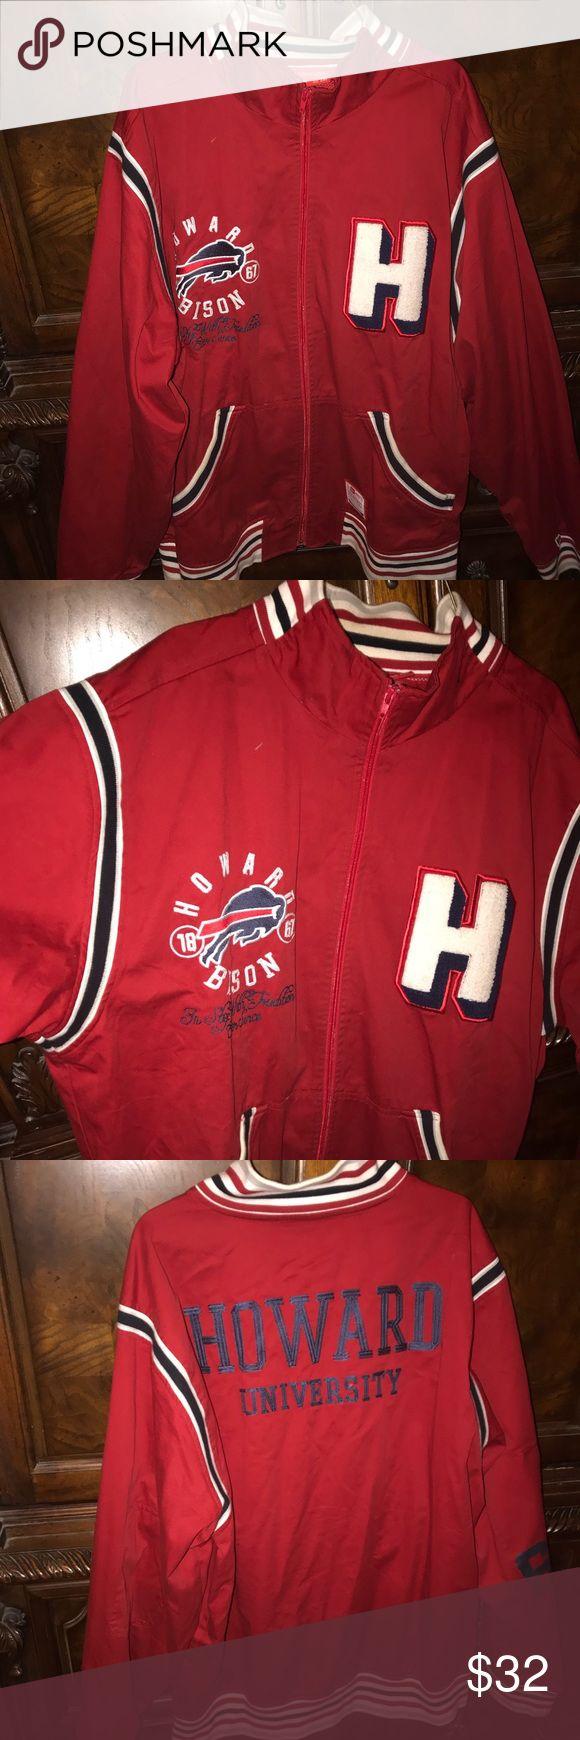 New Era Football Varsity Jacket Varsity Football Jacket by New Era (Tradition)  Howard Bison Size XXL . Still in Good Condition! New Era Jackets & Coats Bomber & Varsity